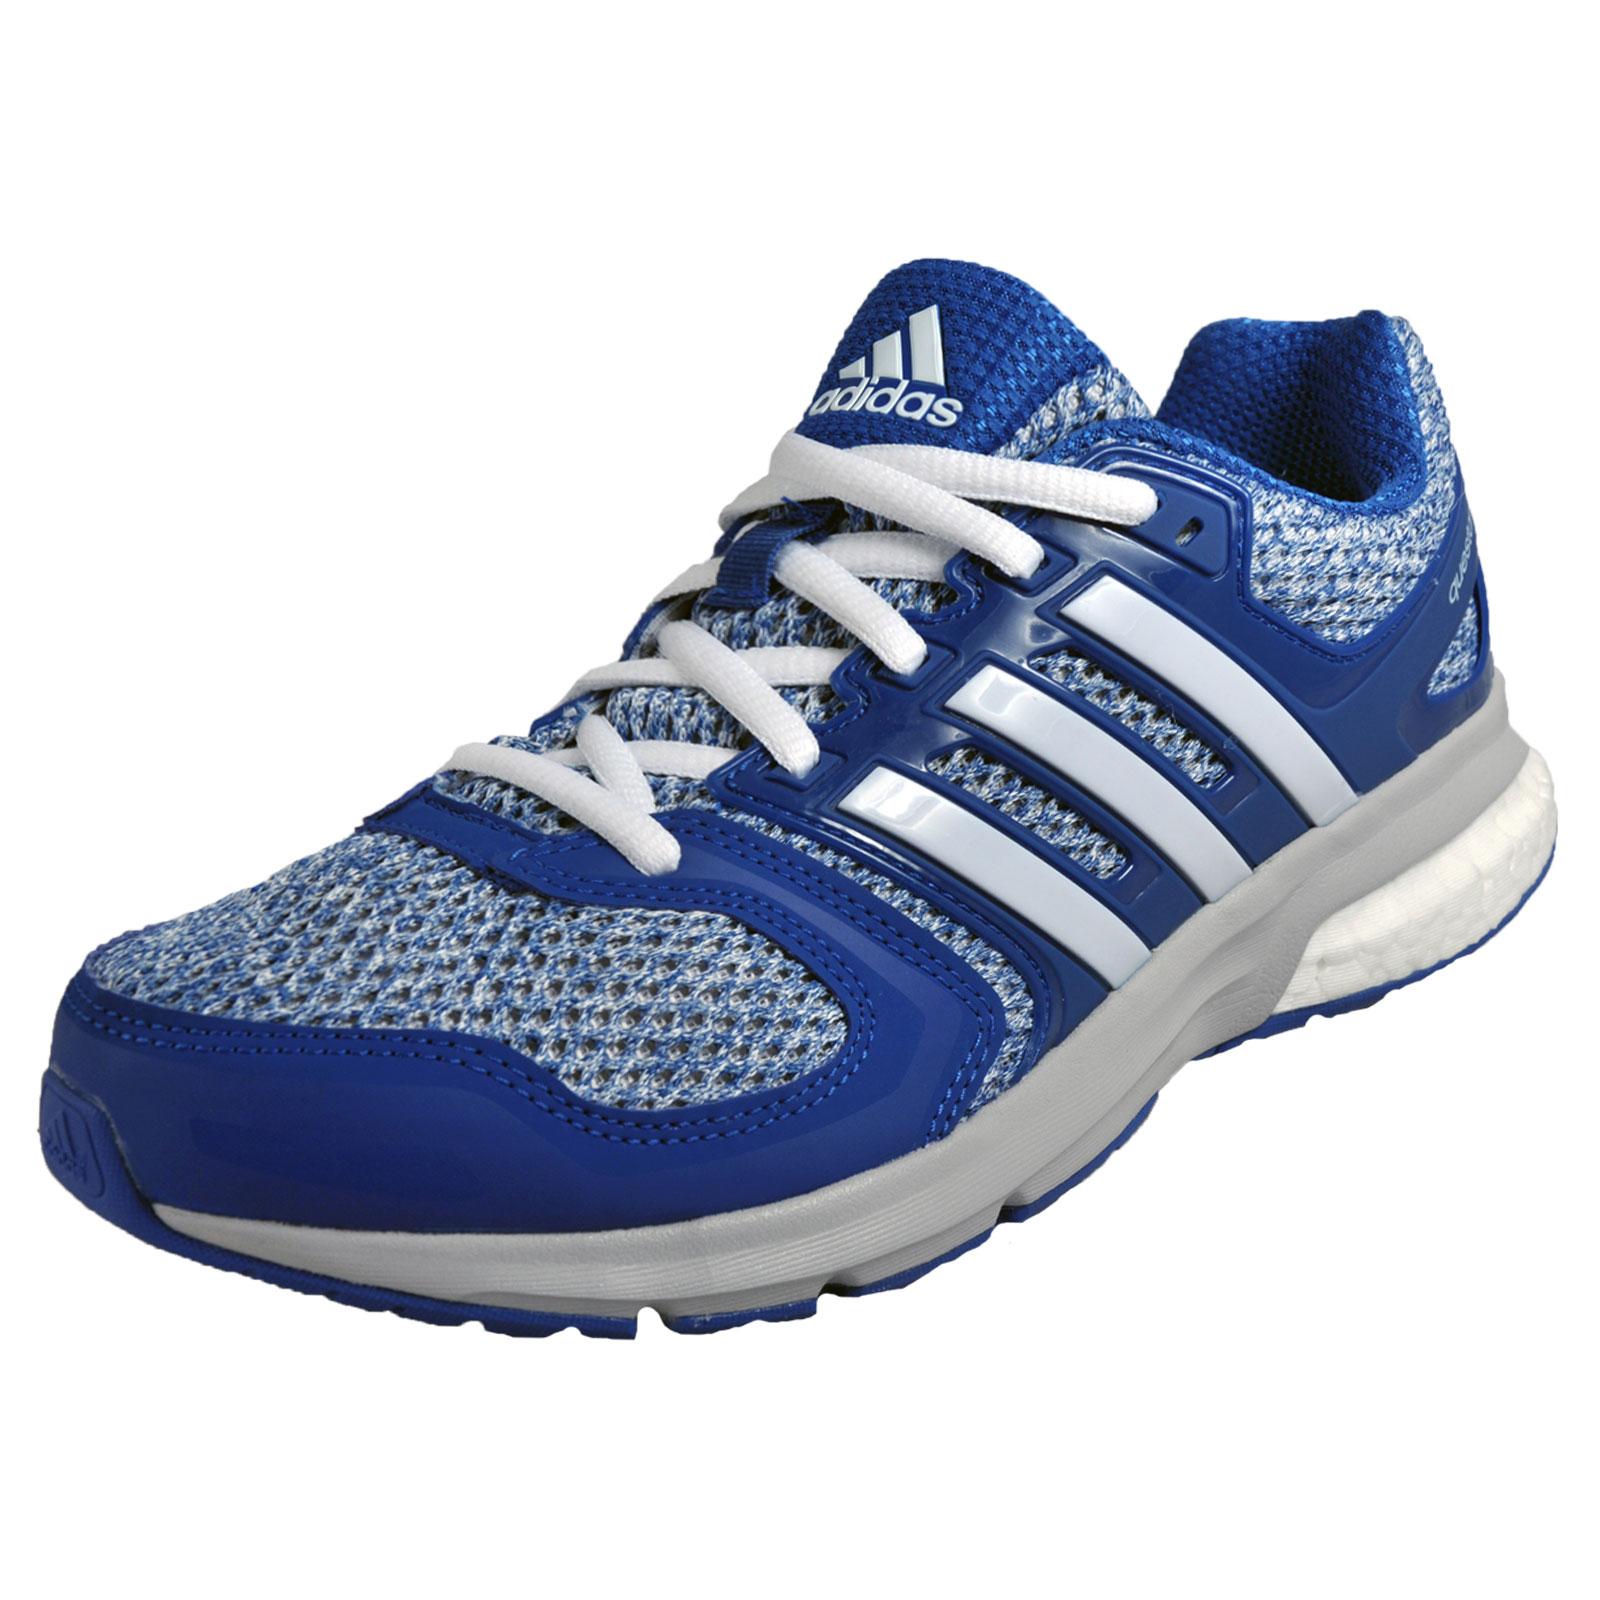 Adidas Cc Sonic Premium Scarpe da corsa per Uomo Palestra Fitness